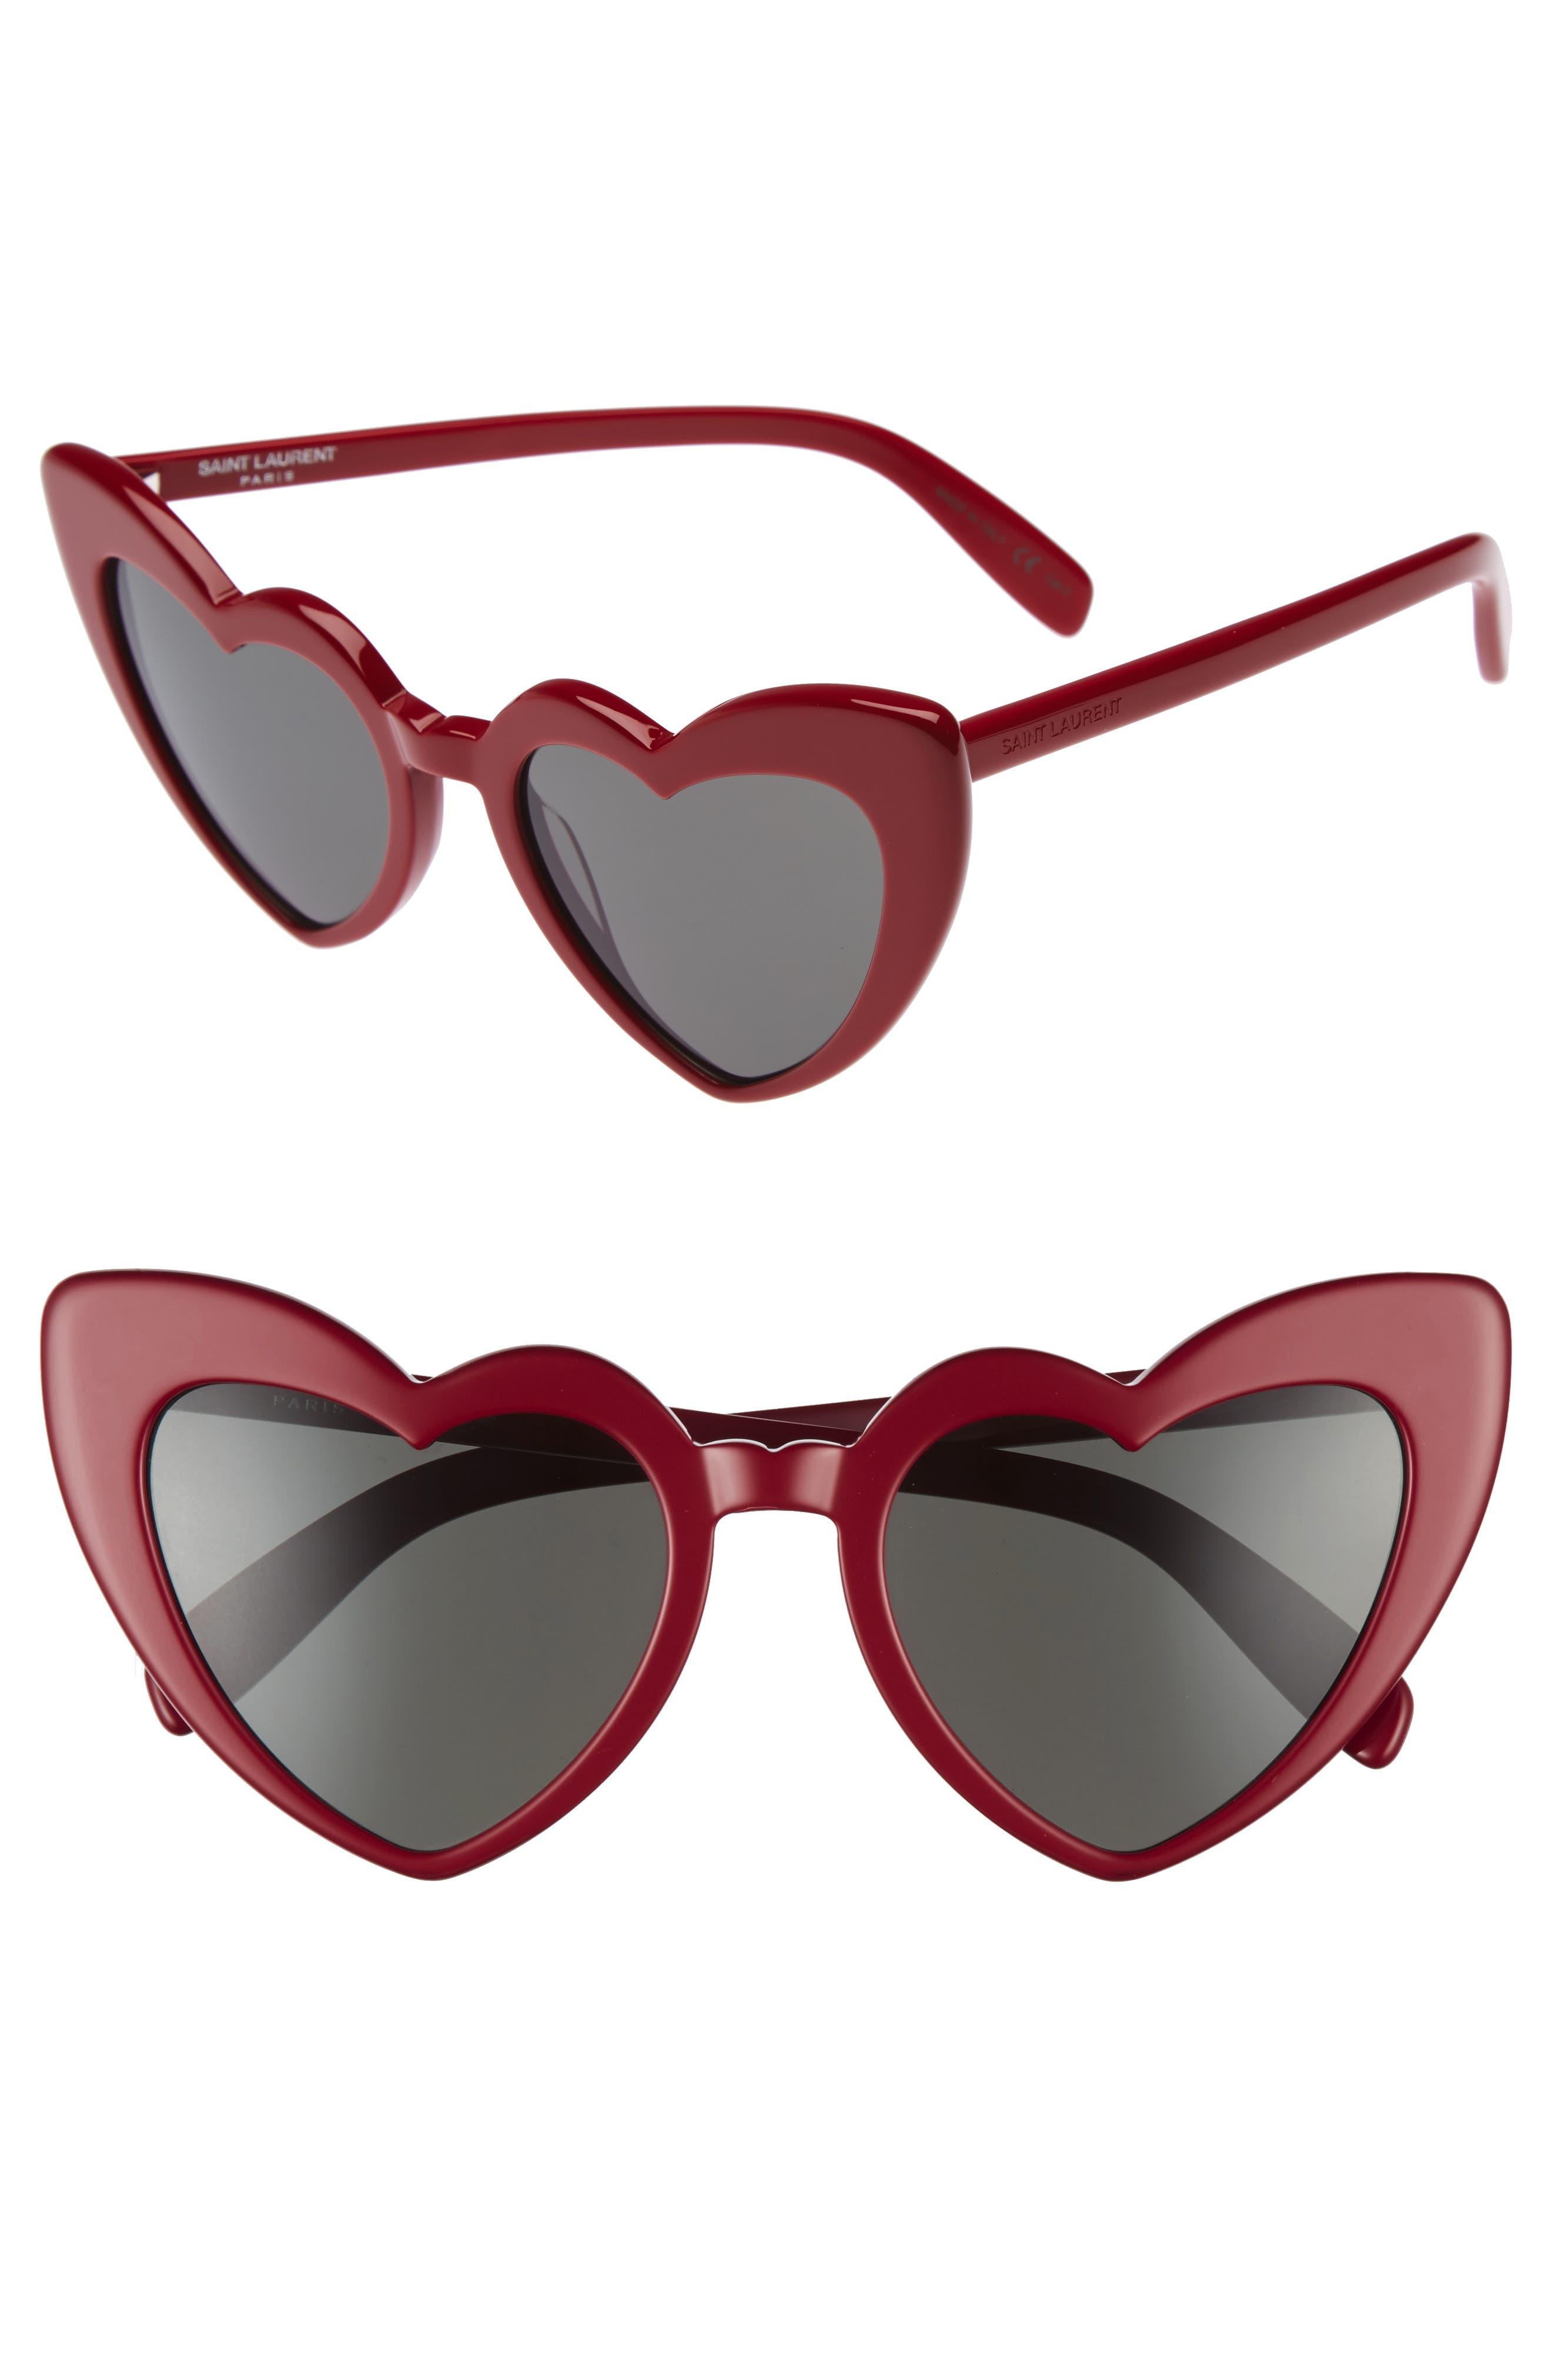 491c89f9a09 Saint Laurent Sunglasses